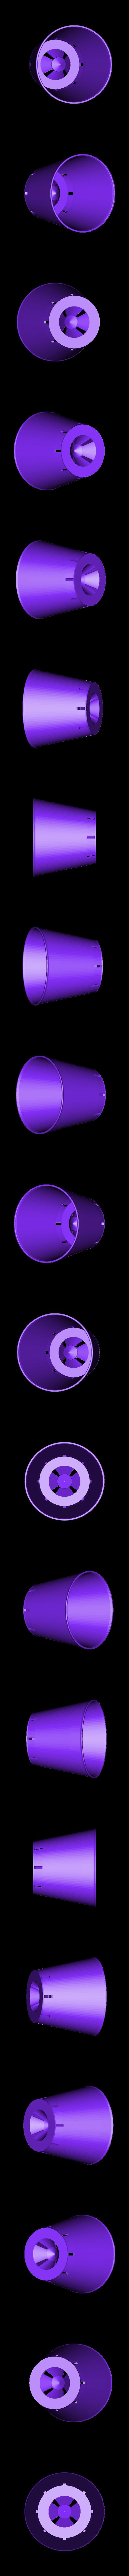 Small Plant Pot by Max Funkner.stl Télécharger fichier STL gratuit Le chien du jardinier dans un petit jardin • Modèle pour impression 3D, MaxFunkner